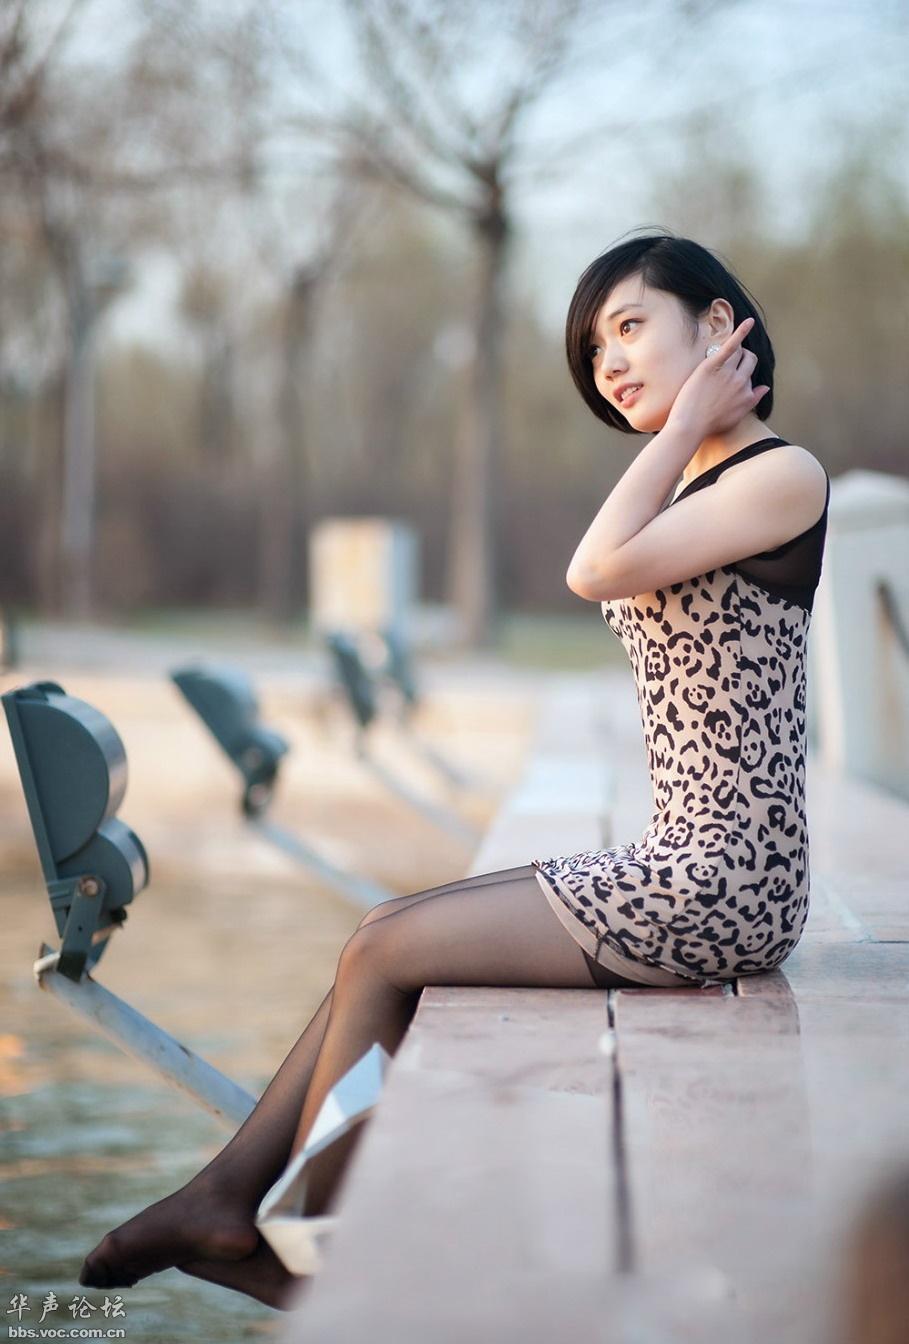 超唯美--清凉美女 (超大高清图) - 美女贴图 - 华声论坛